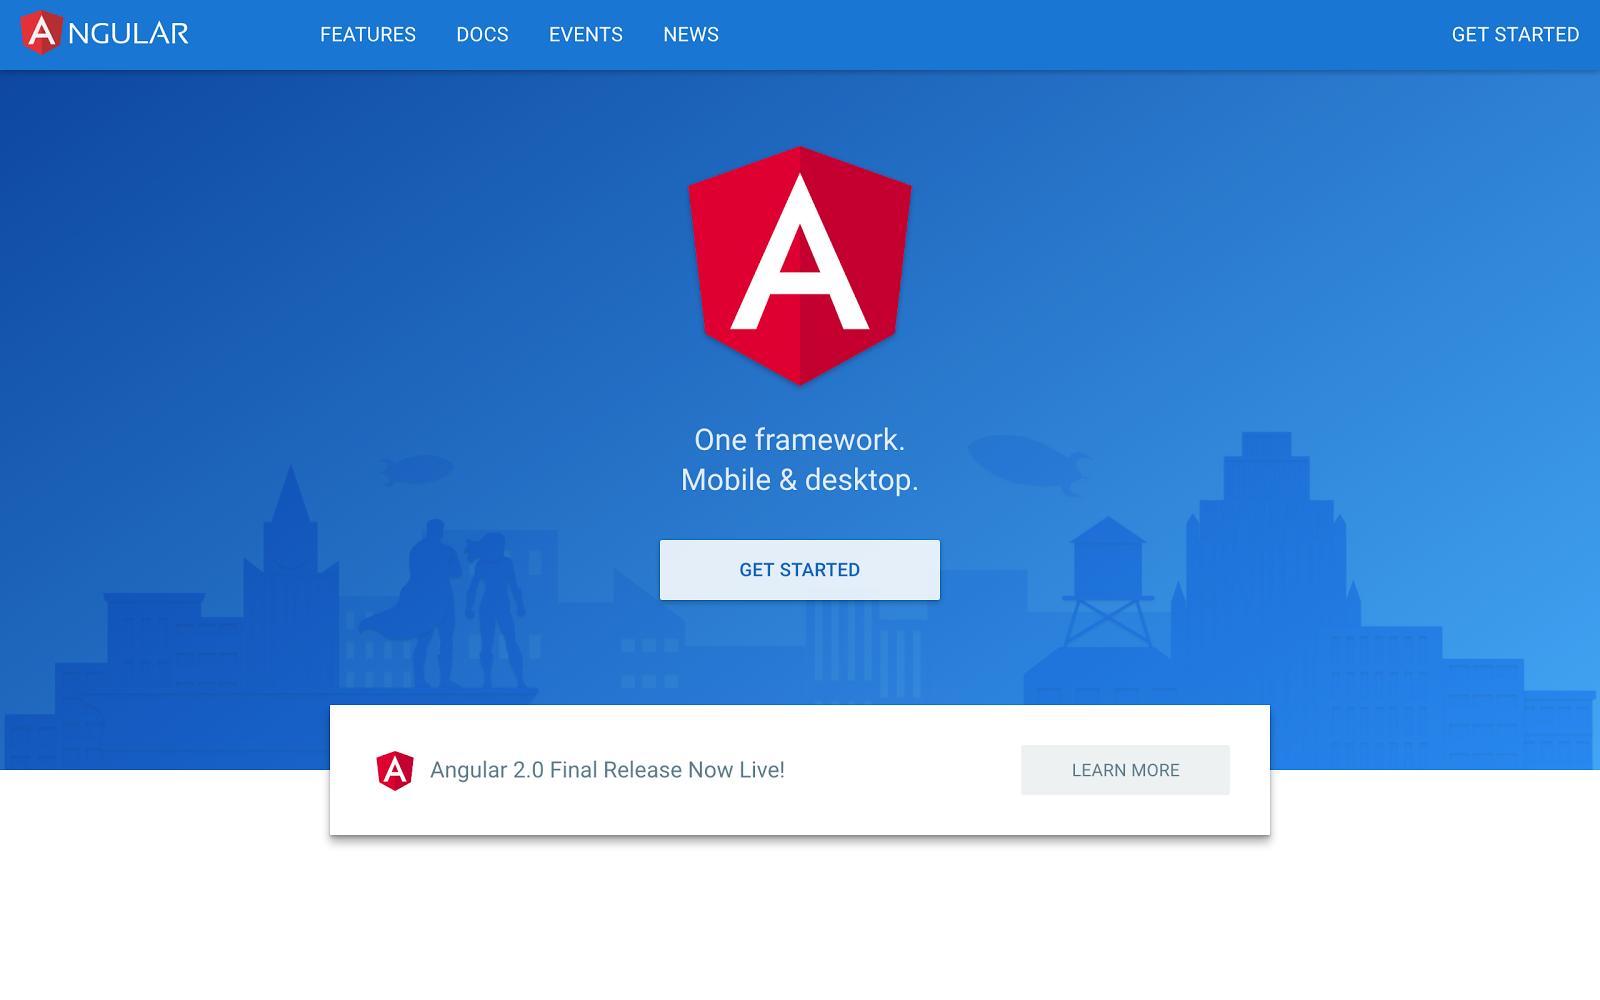 Angular 2.0 Final Release 发布